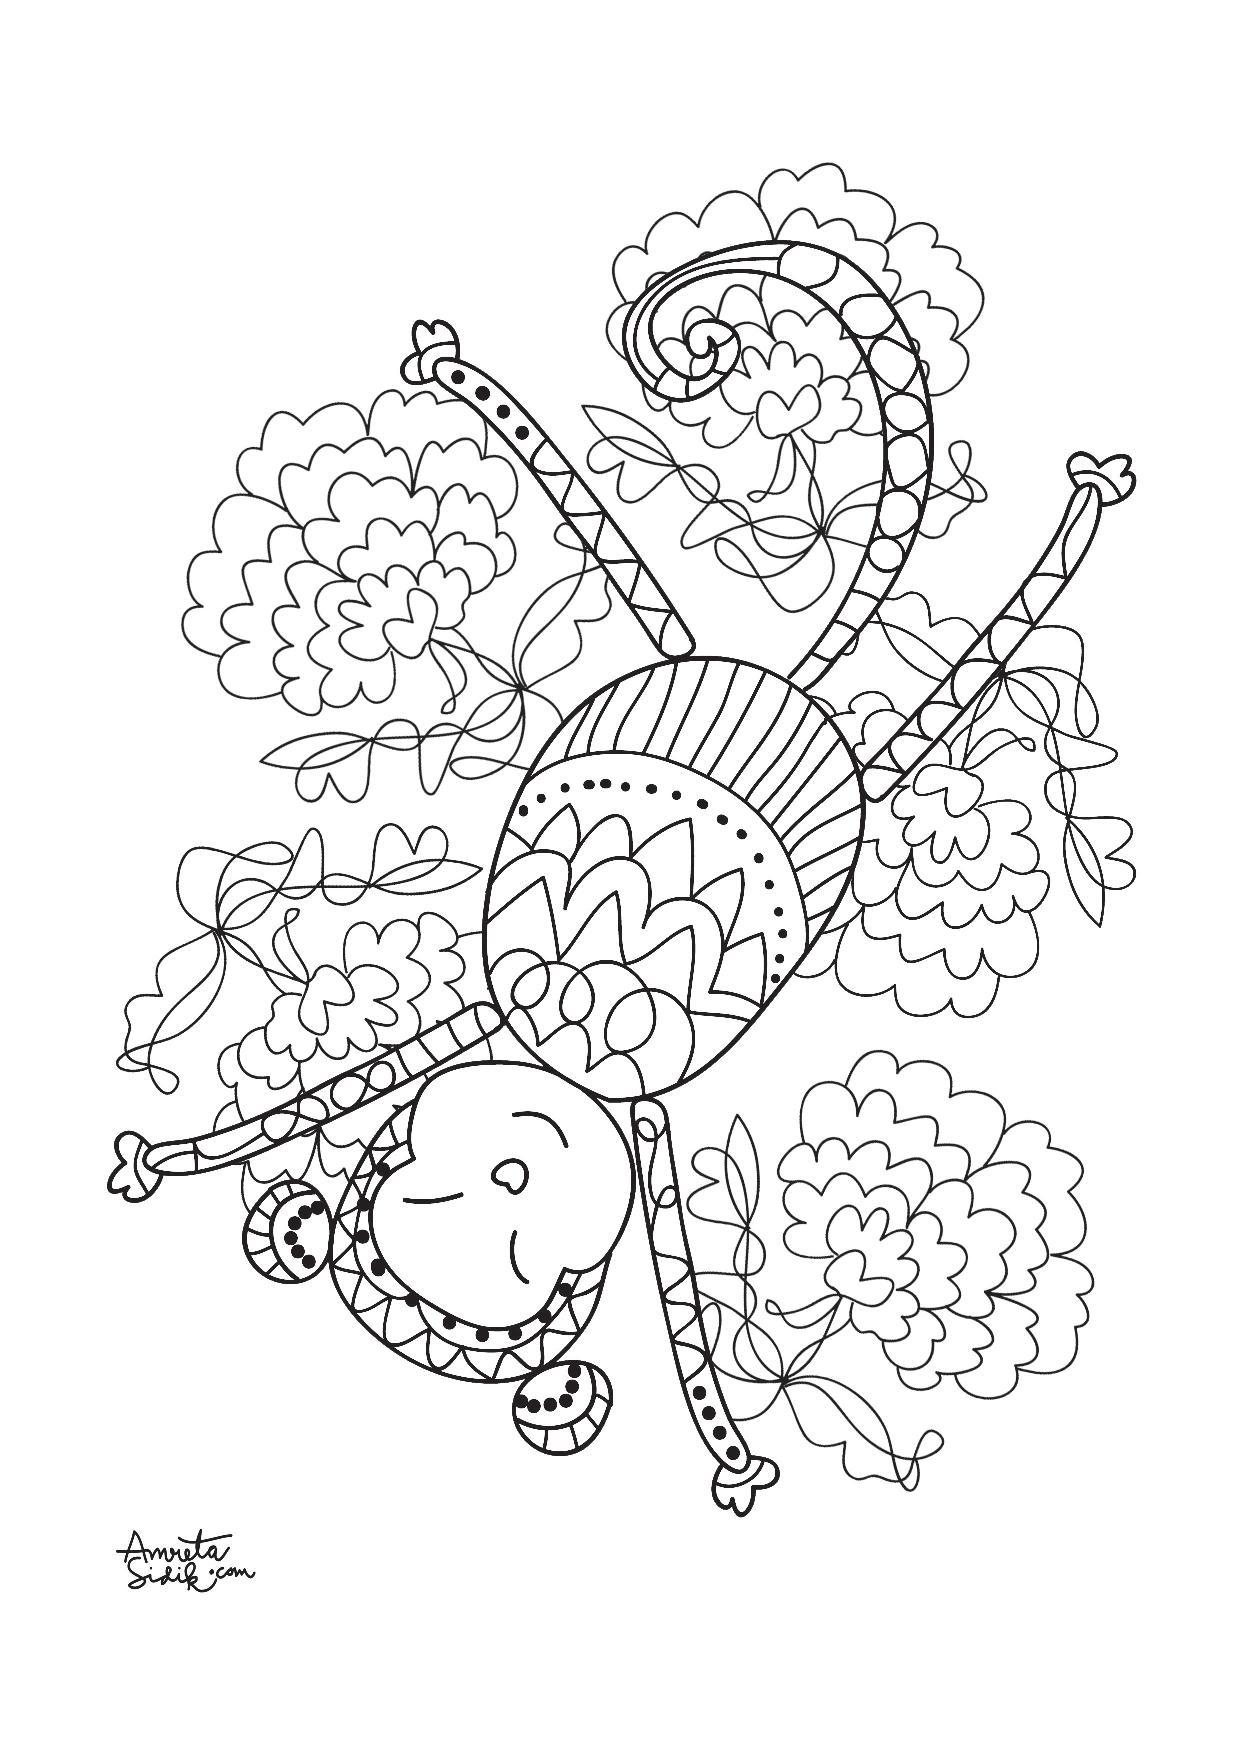 Disegni da colorare per adulti : Anti-stress / Zen - 130